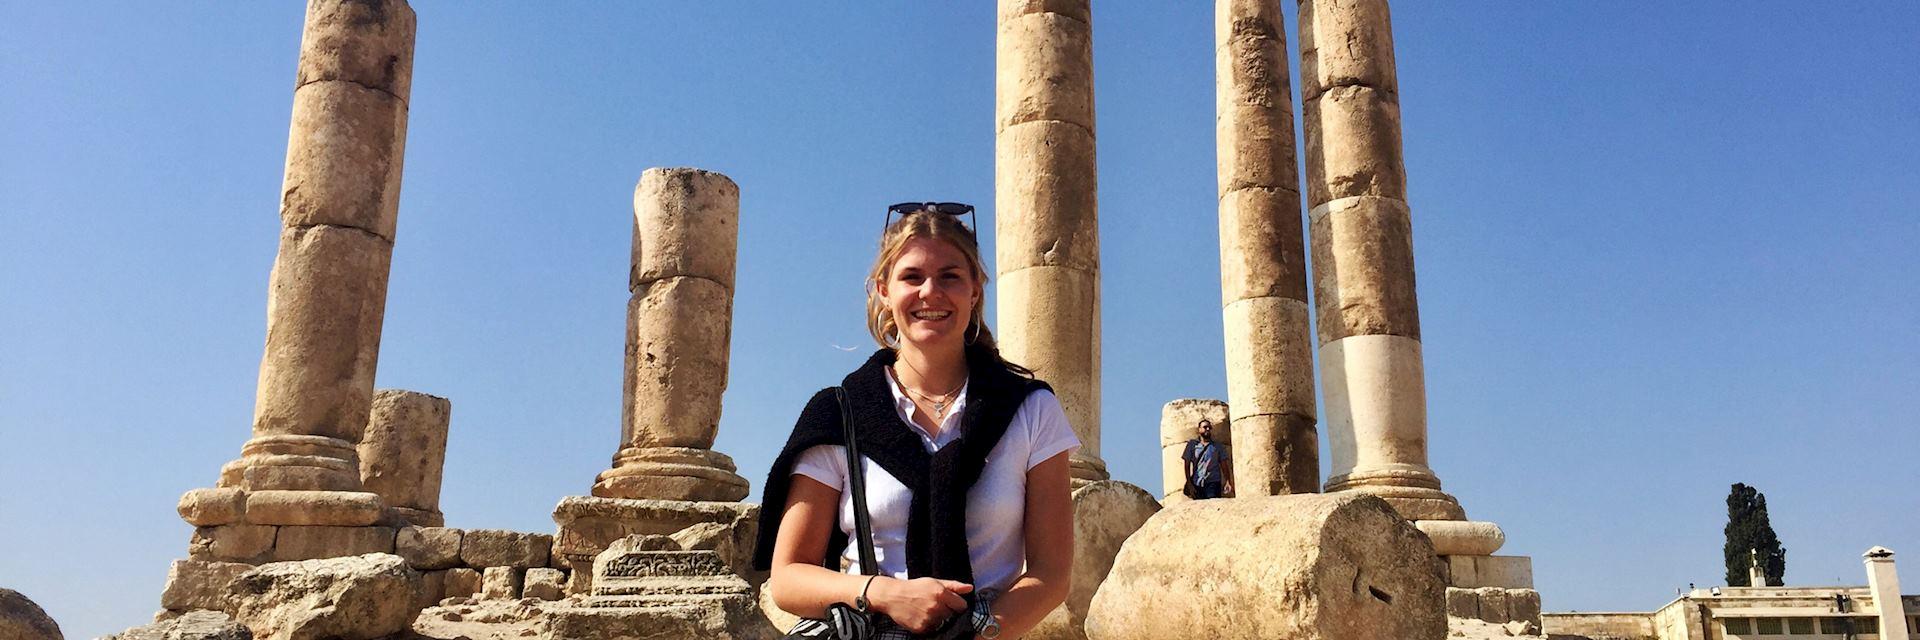 Olivia at Amman Citadel, Jordan